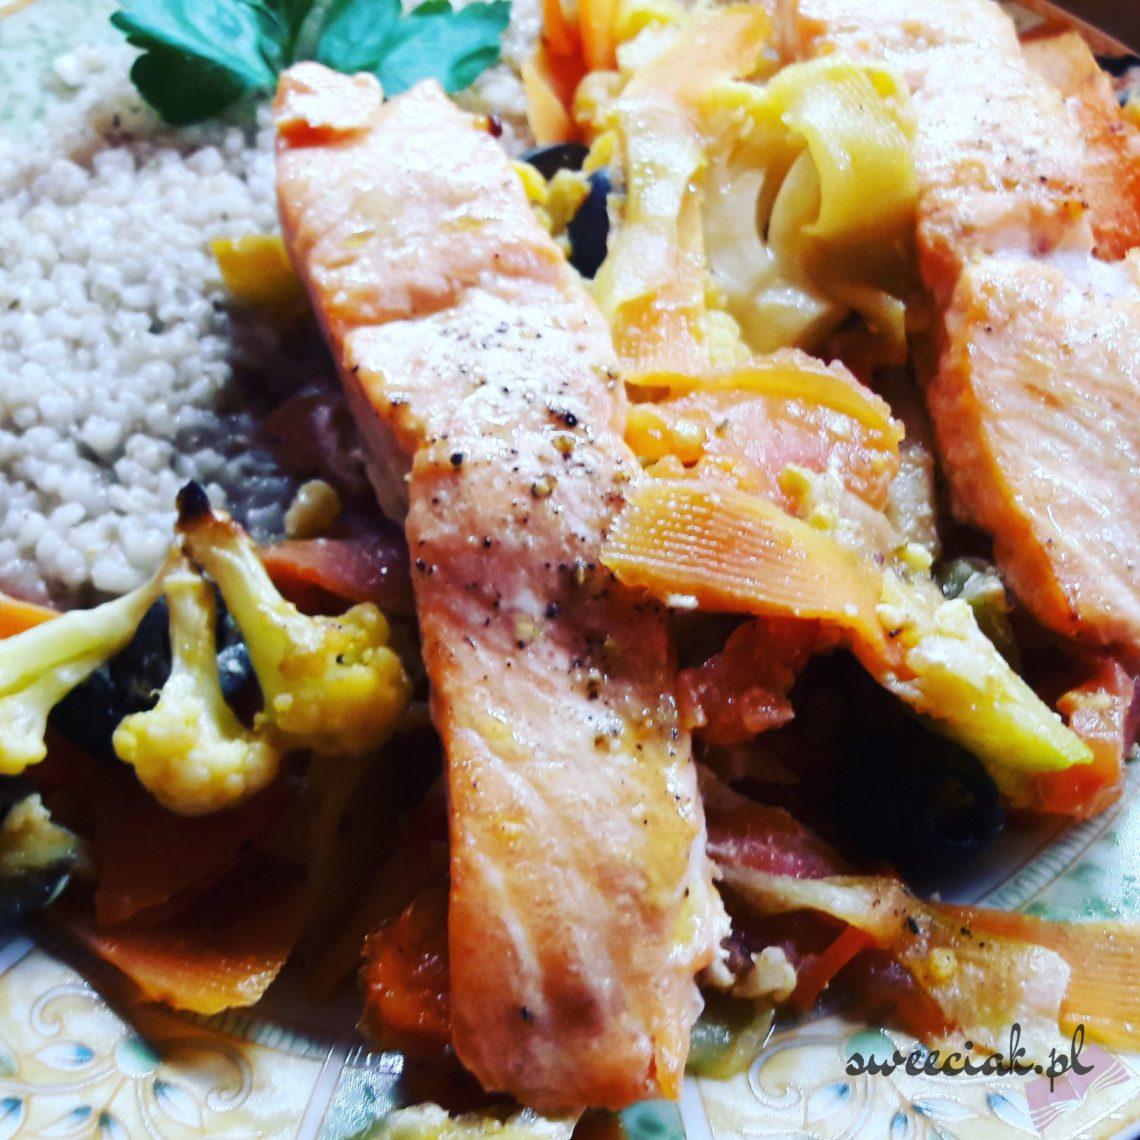 Pieczony filet z ryby na warzywach z kaszą